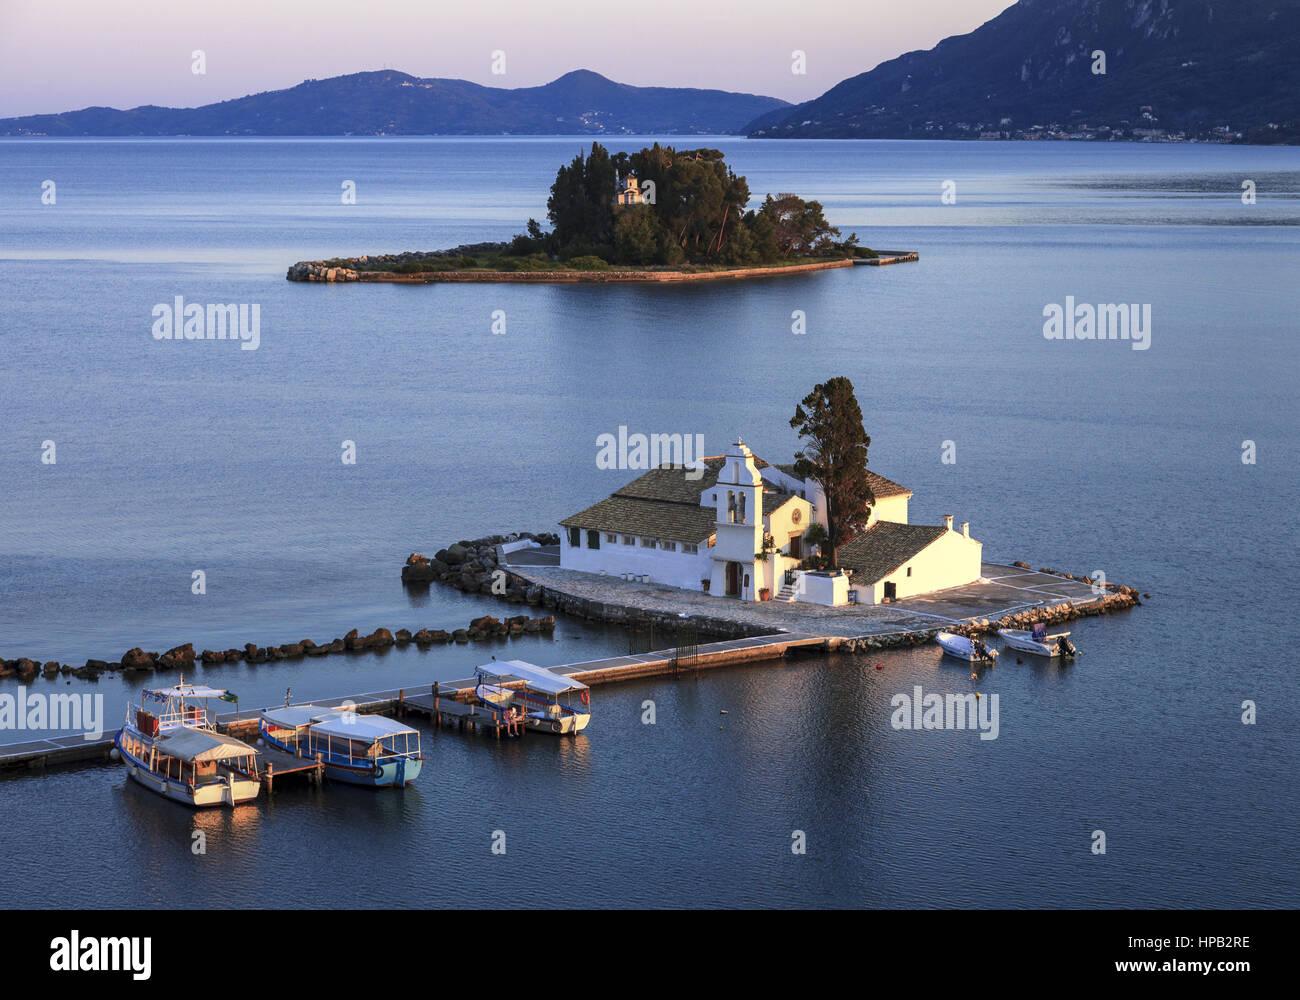 Griechische Inseln, Korfu - Stock Image